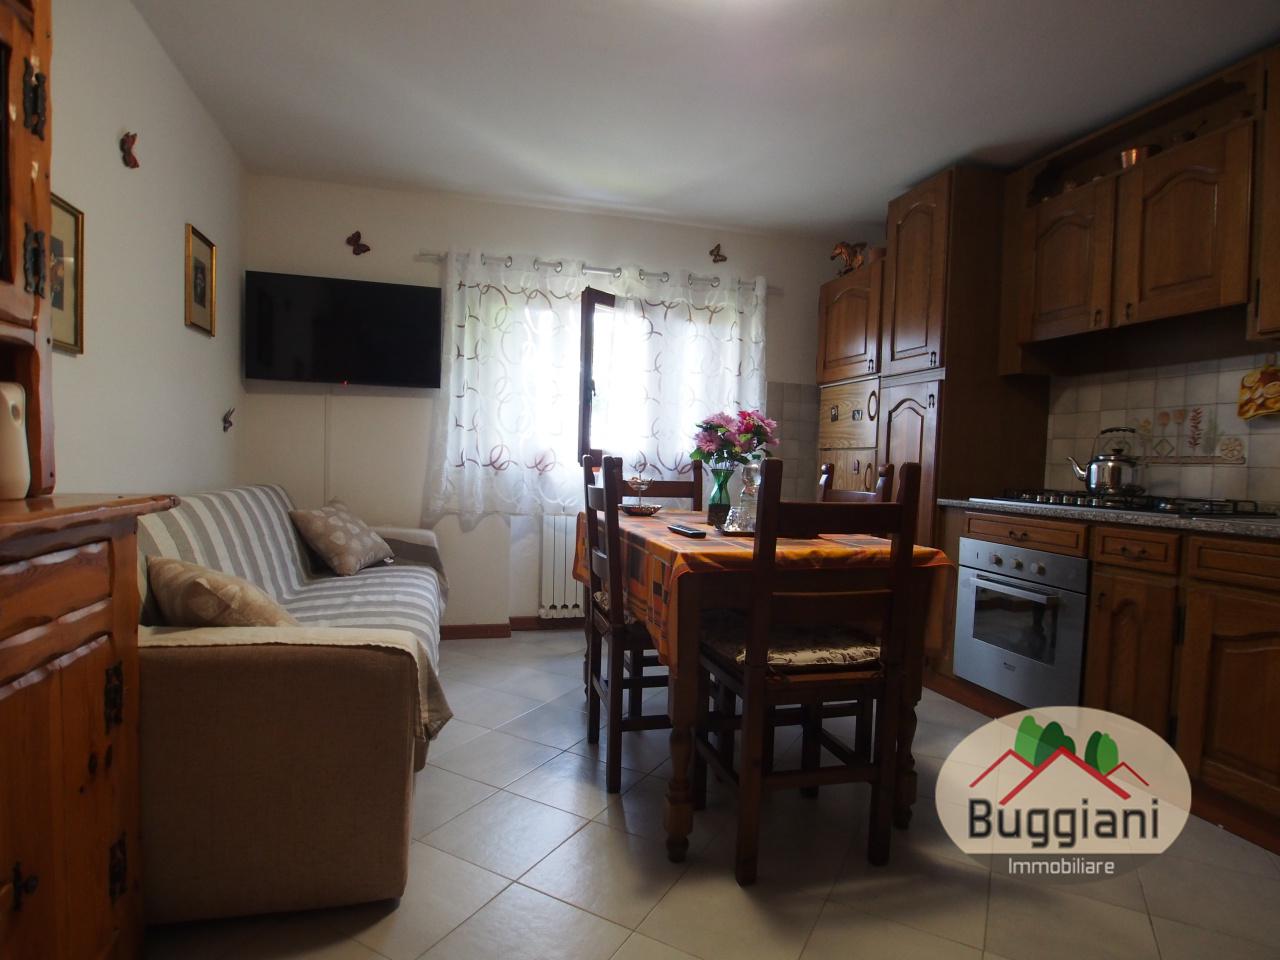 Terratetto in vendita RIF. 2153, San Miniato (PI)